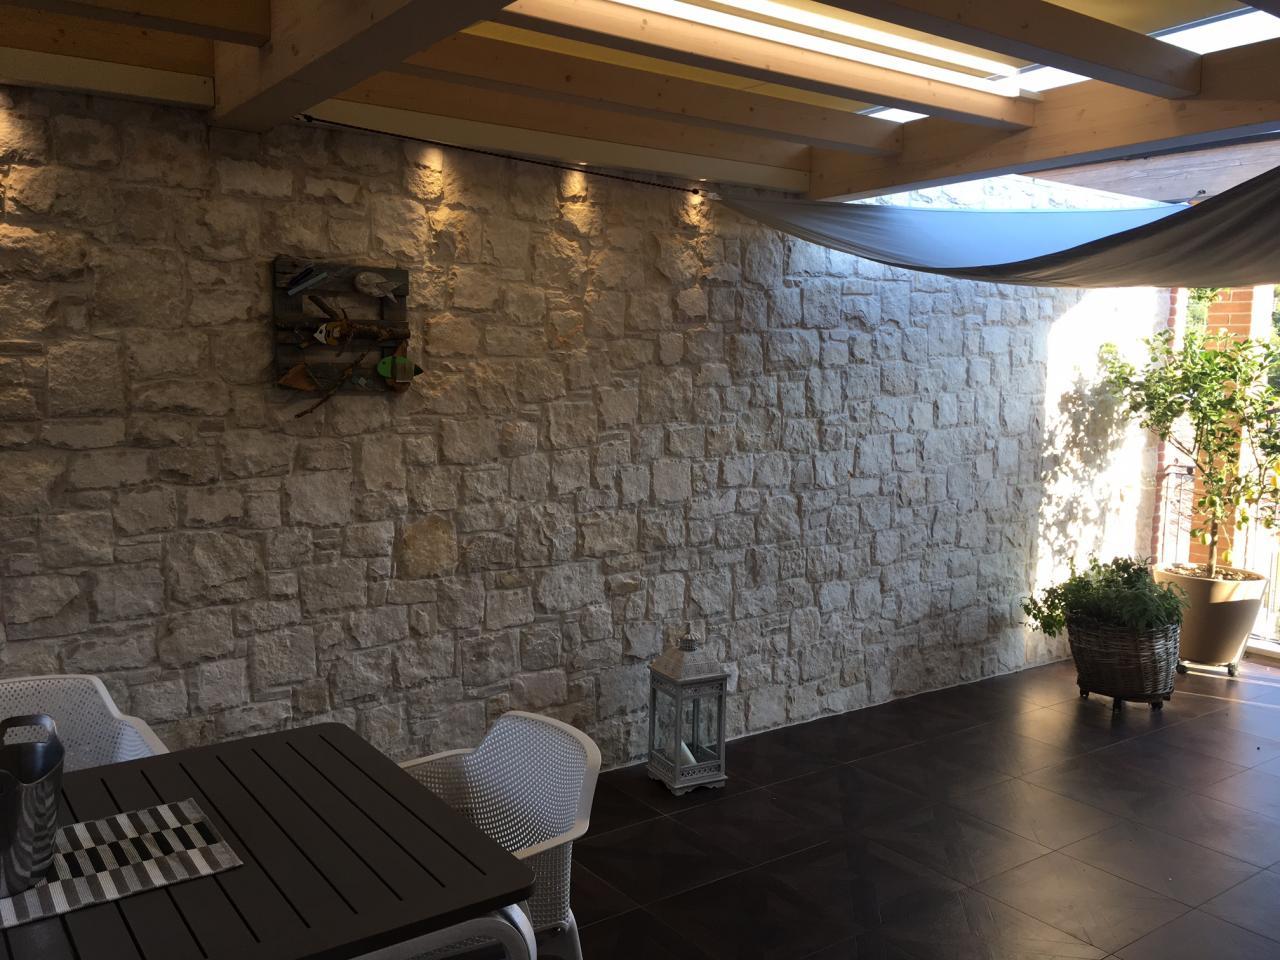 Rivestimenti in pietra interni ed esterni fratelli - Rivestire muro esterno ...